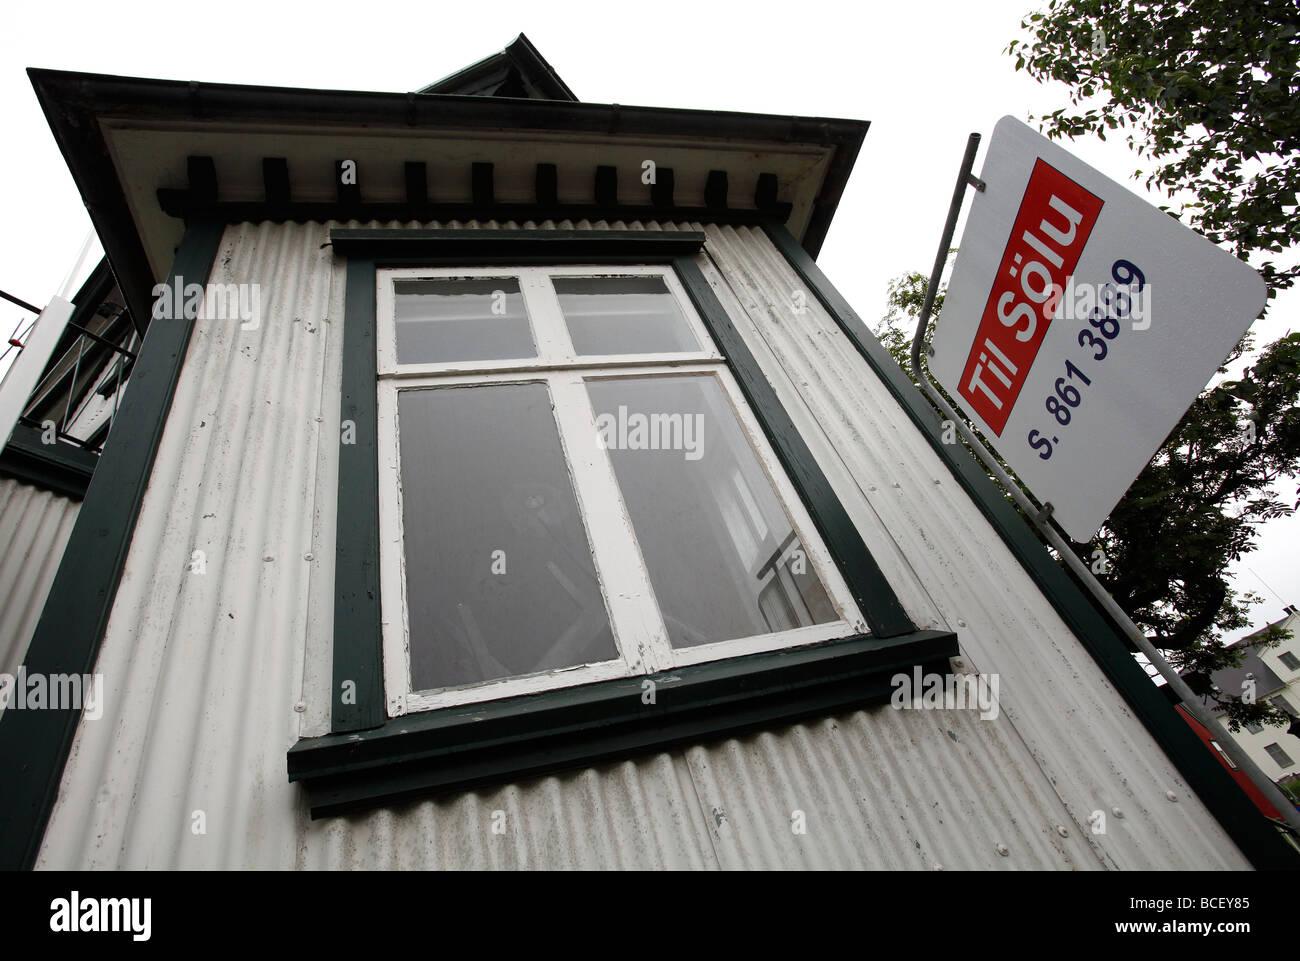 Real estate, for sale sign, Reykjavik, Iceland - Stock Image